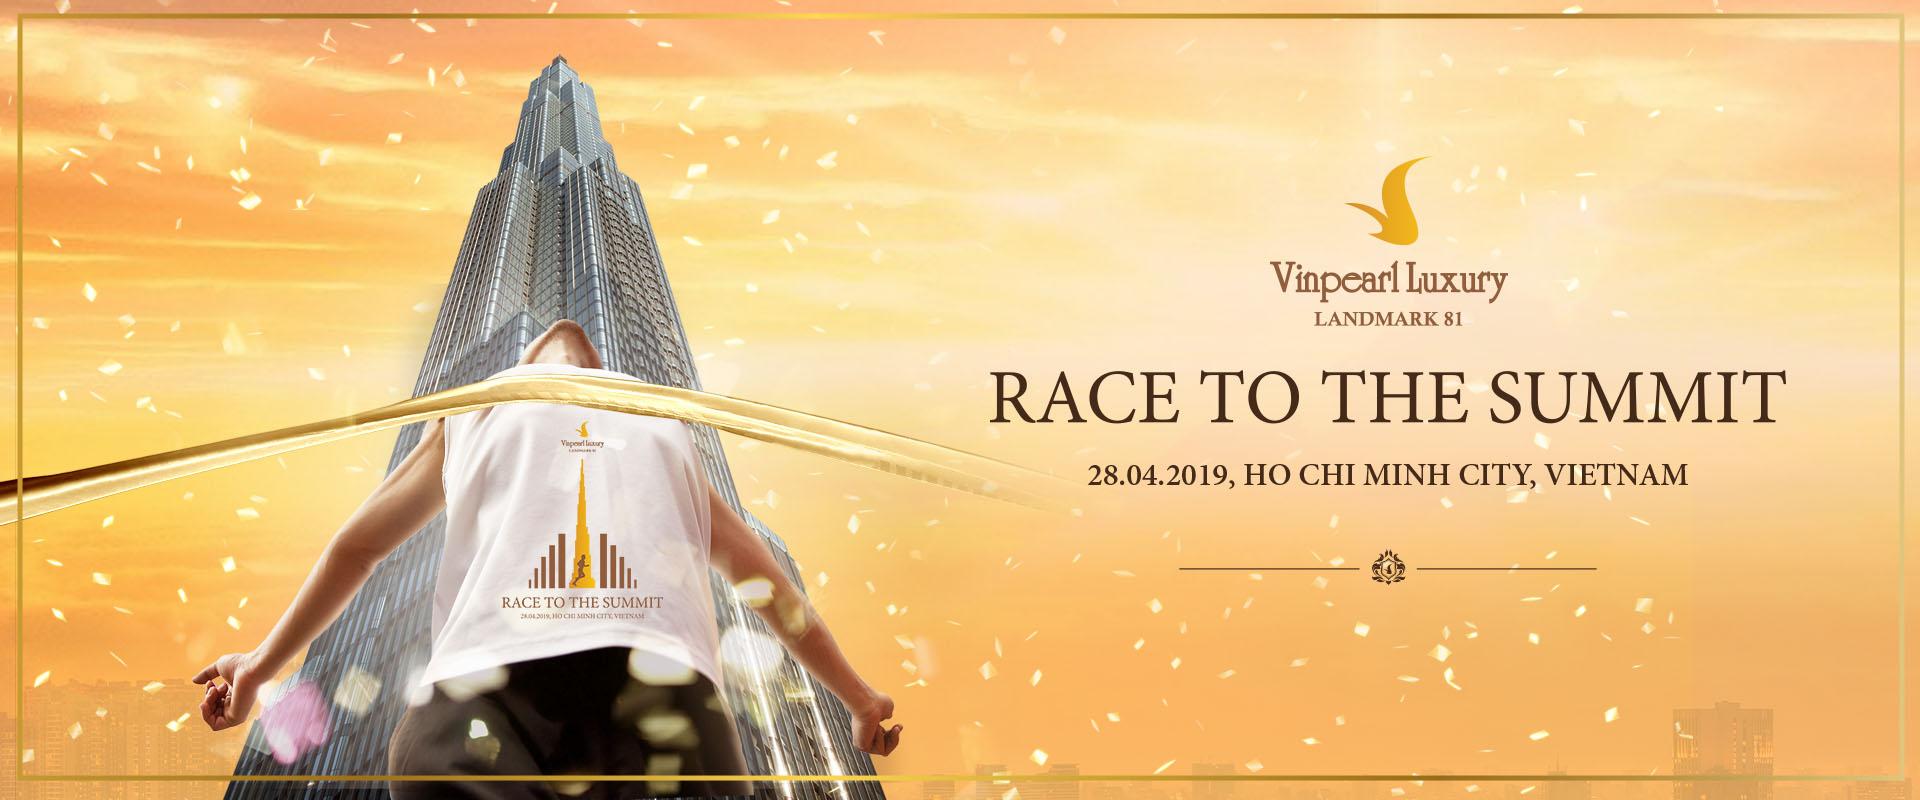 Chinh phục tòa nhà cao nhất Đông Nam Á với Giải chạy cầu thang bộ Vinpearl Luxury Landmark 81